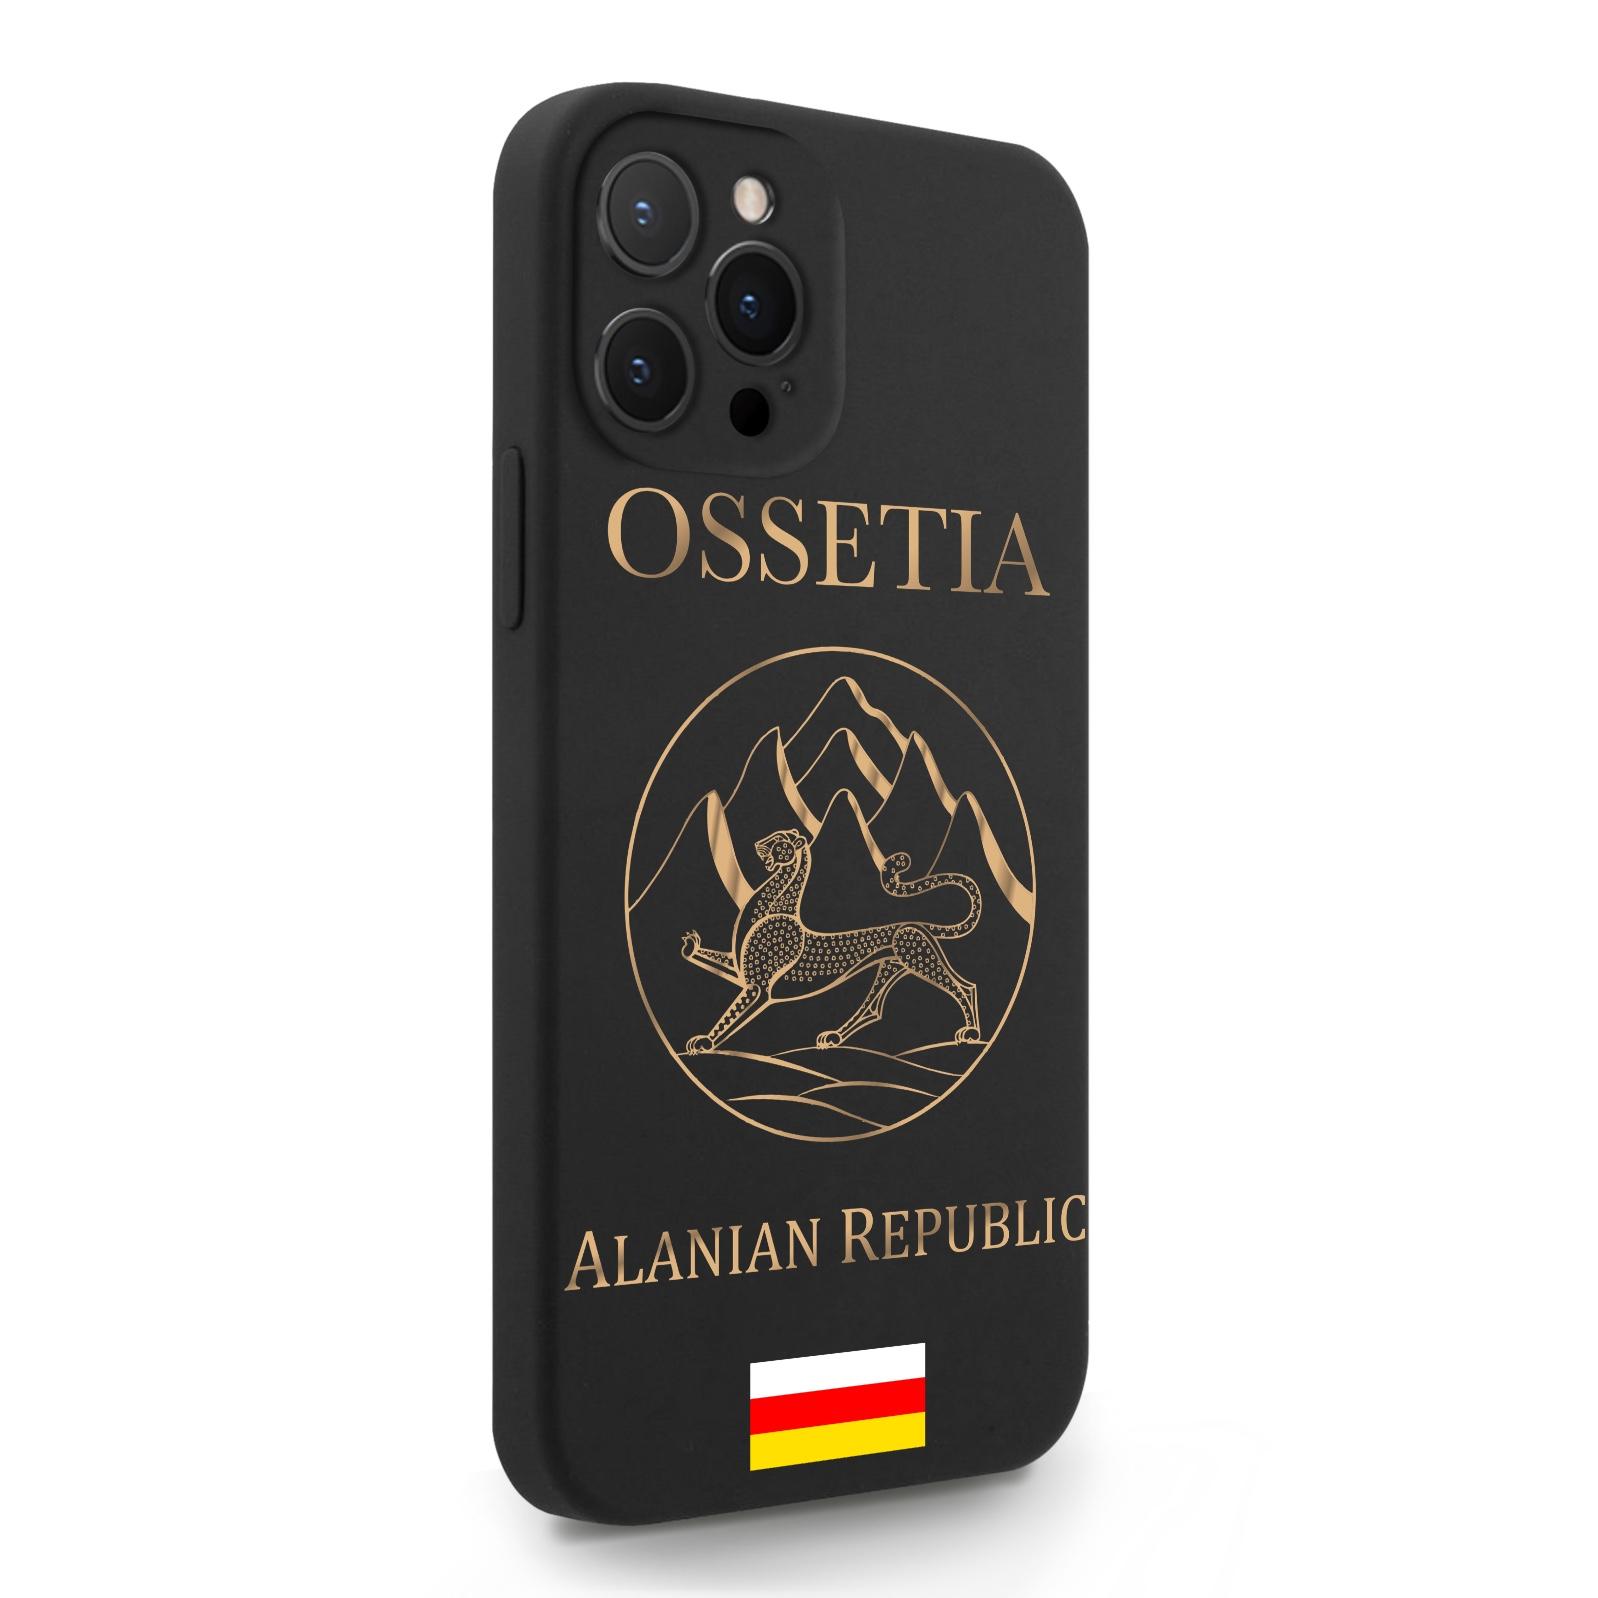 Черный силиконовый чехол для iPhone 12 Pro Max Золотой Герб Северной Осетии для Айфон 12 Про Макс